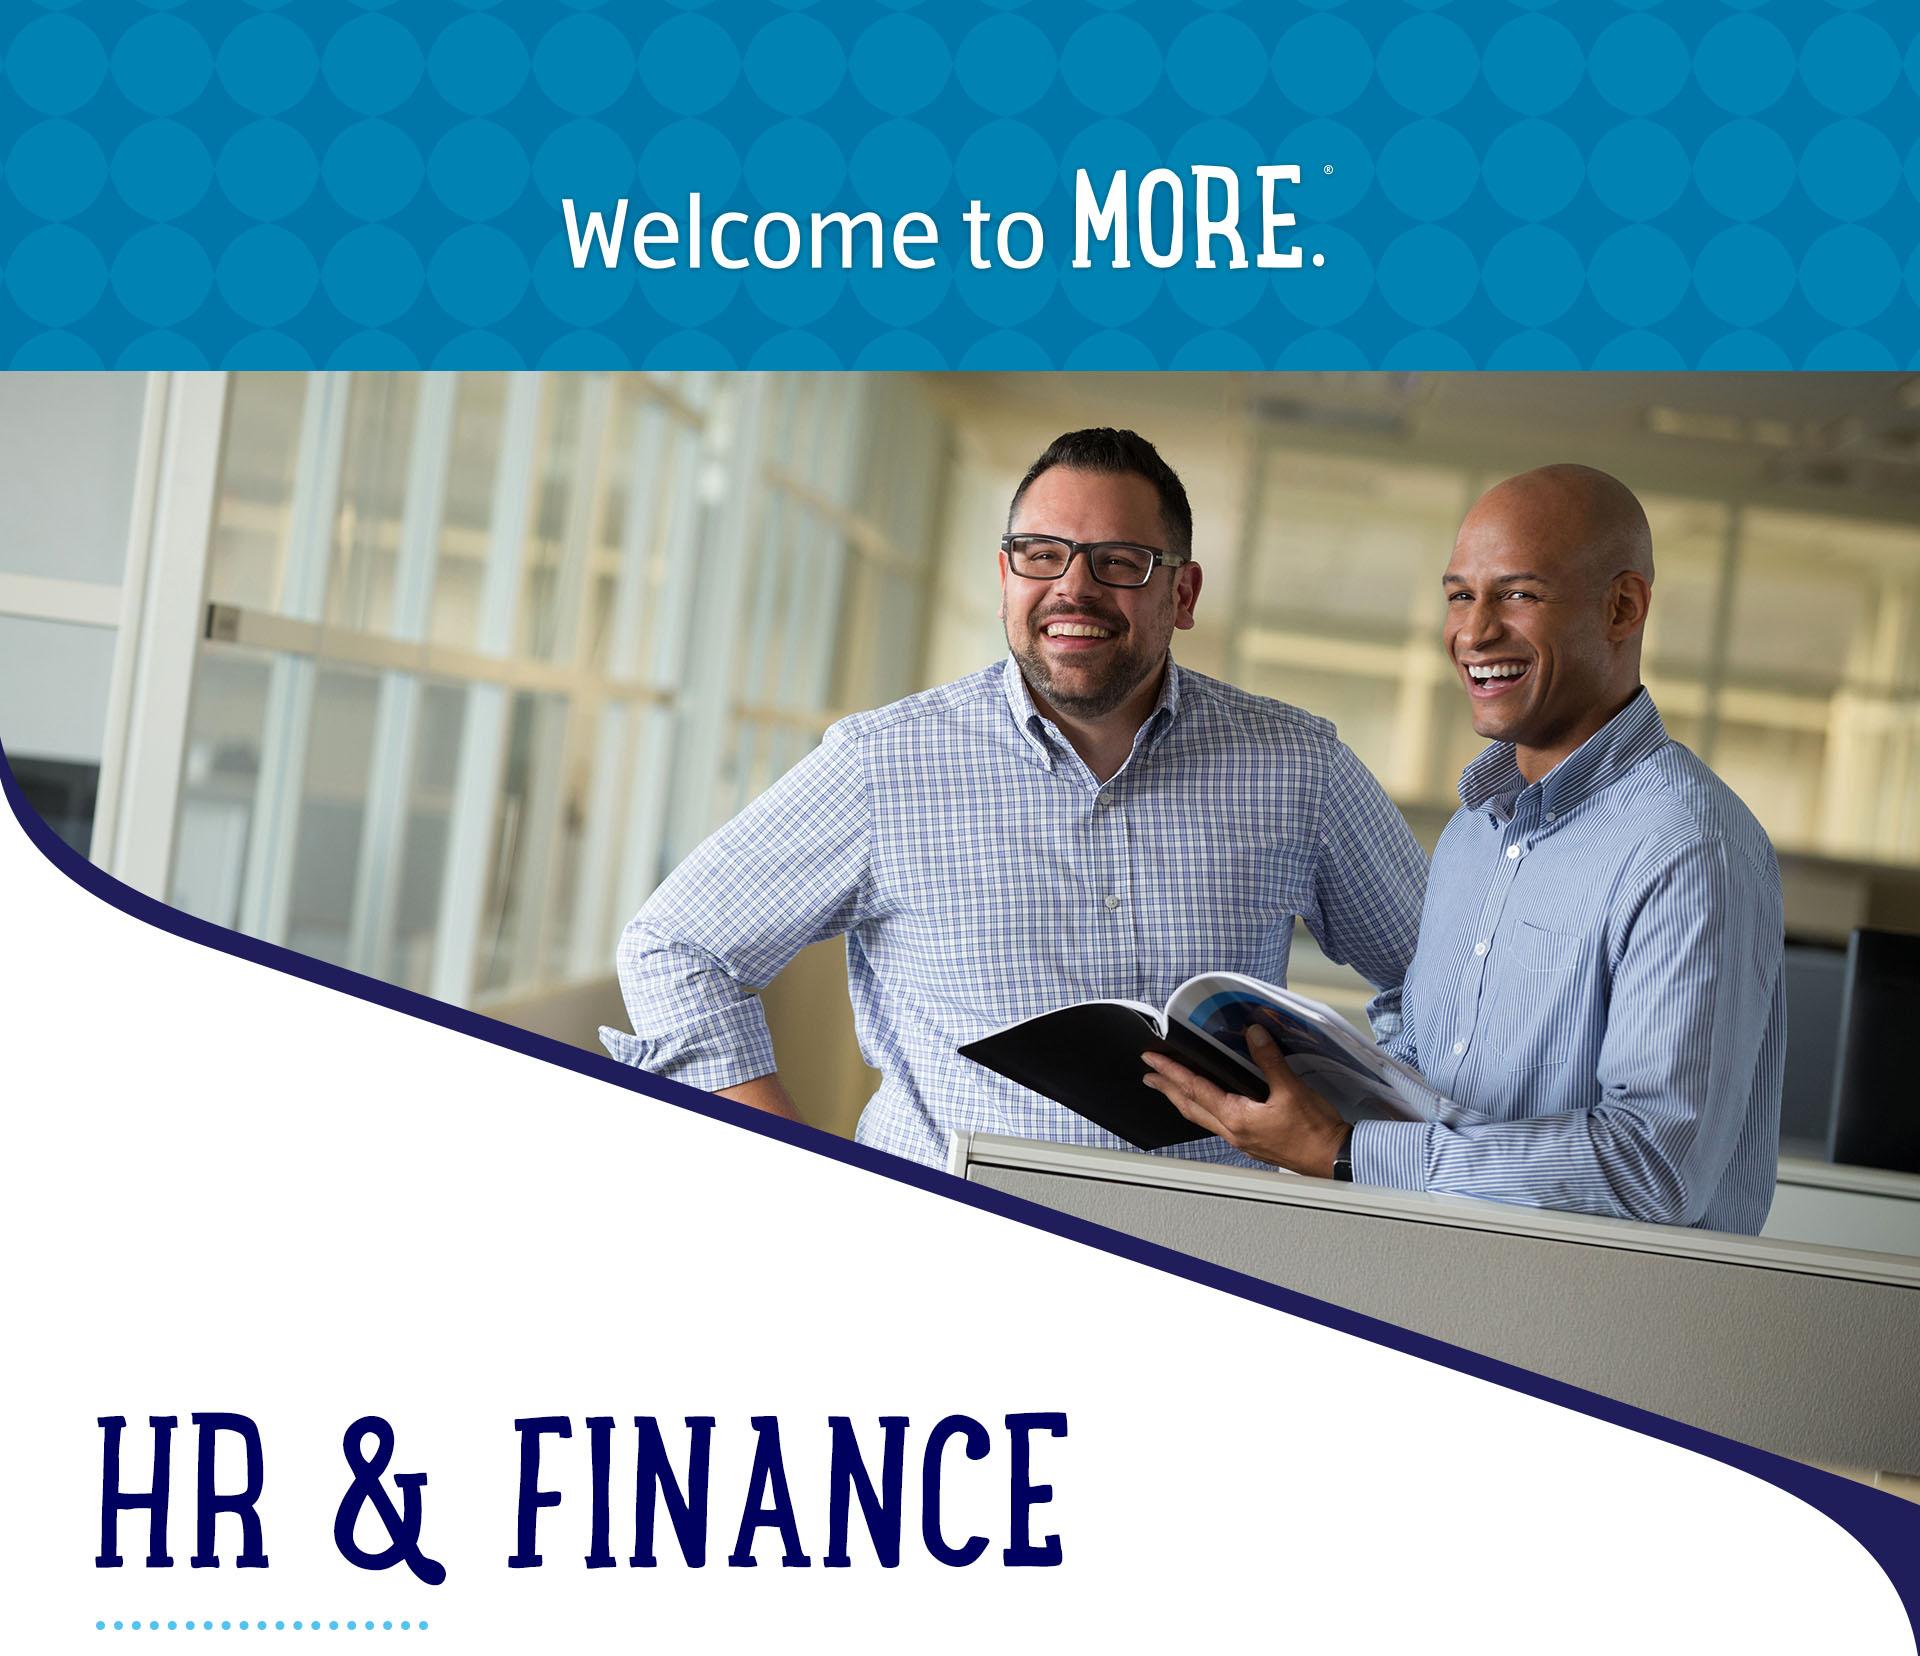 HR & Finance